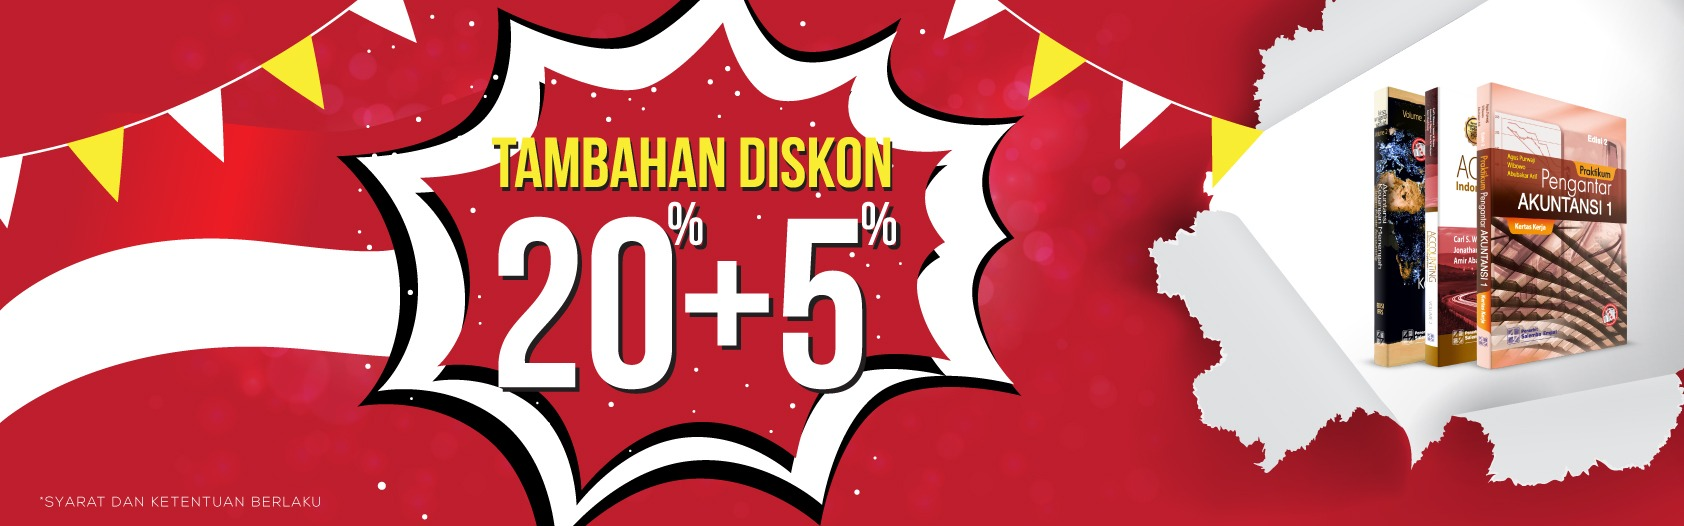 Promo Tambahan Diskon 20%+5%